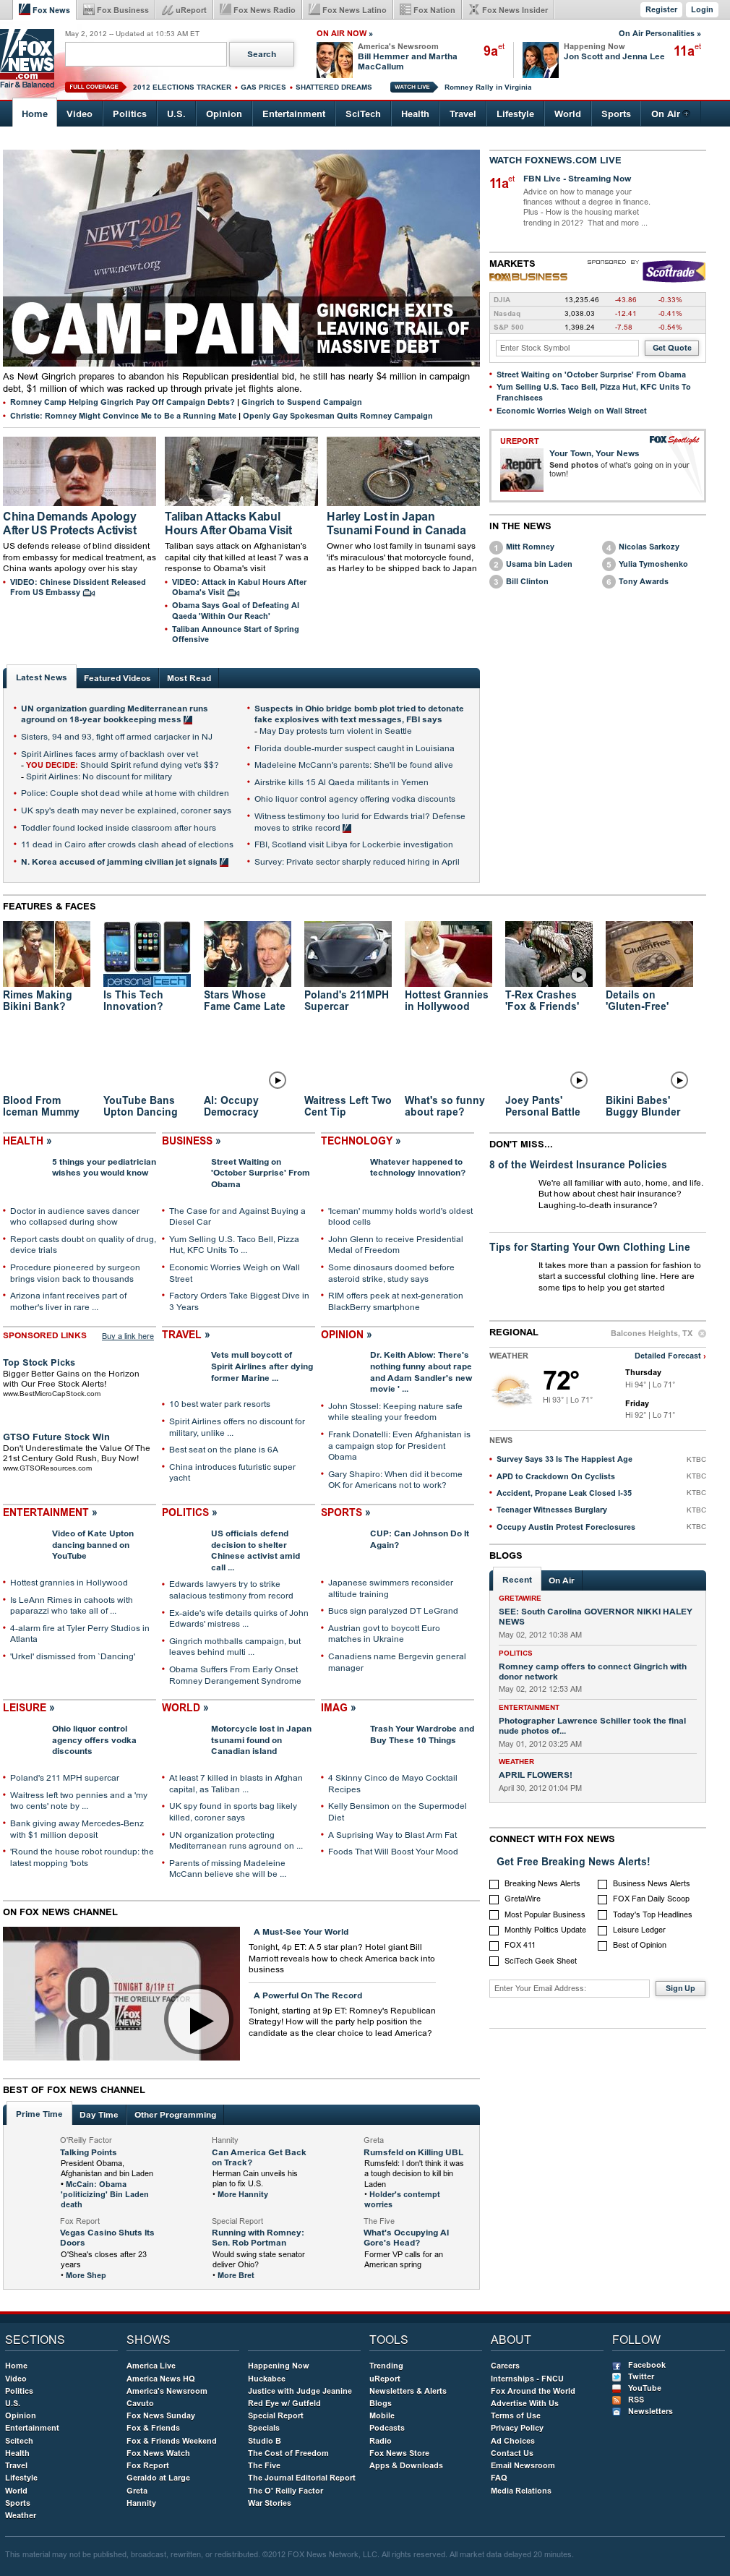 Fox News at Wednesday May 2, 2012, 3:06 p.m. UTC